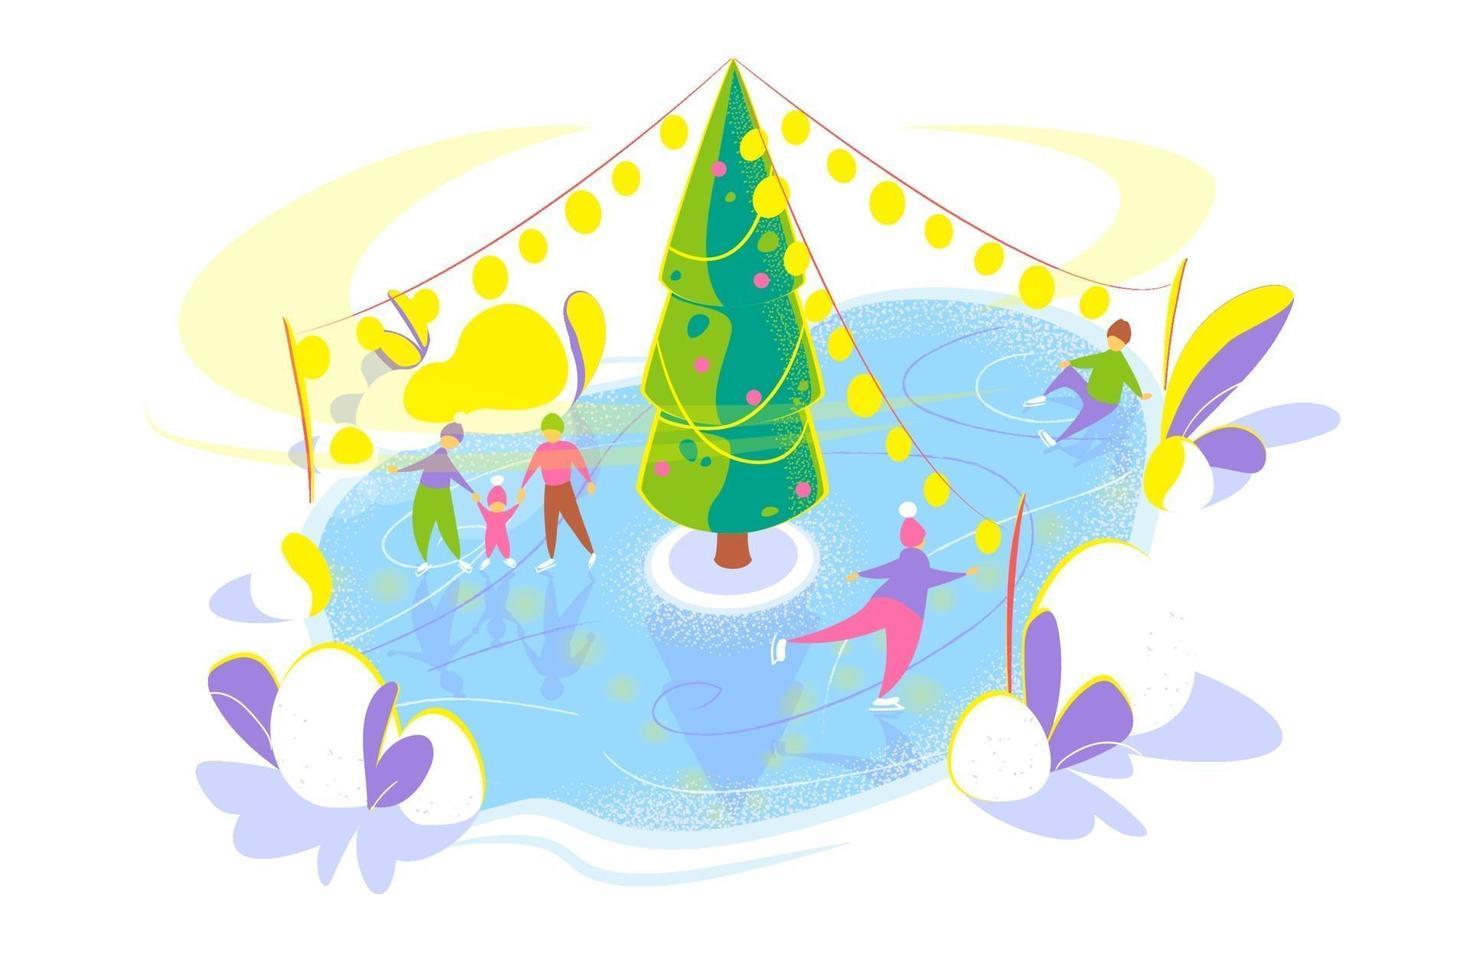 skridskoåkning människor på isbana med julgran. snöig vinter semester koncept. säsongsbetonad platt mall på vit bakgrund. julhelgkort. isolerad vektorillustration på vit bakgrund. vektor